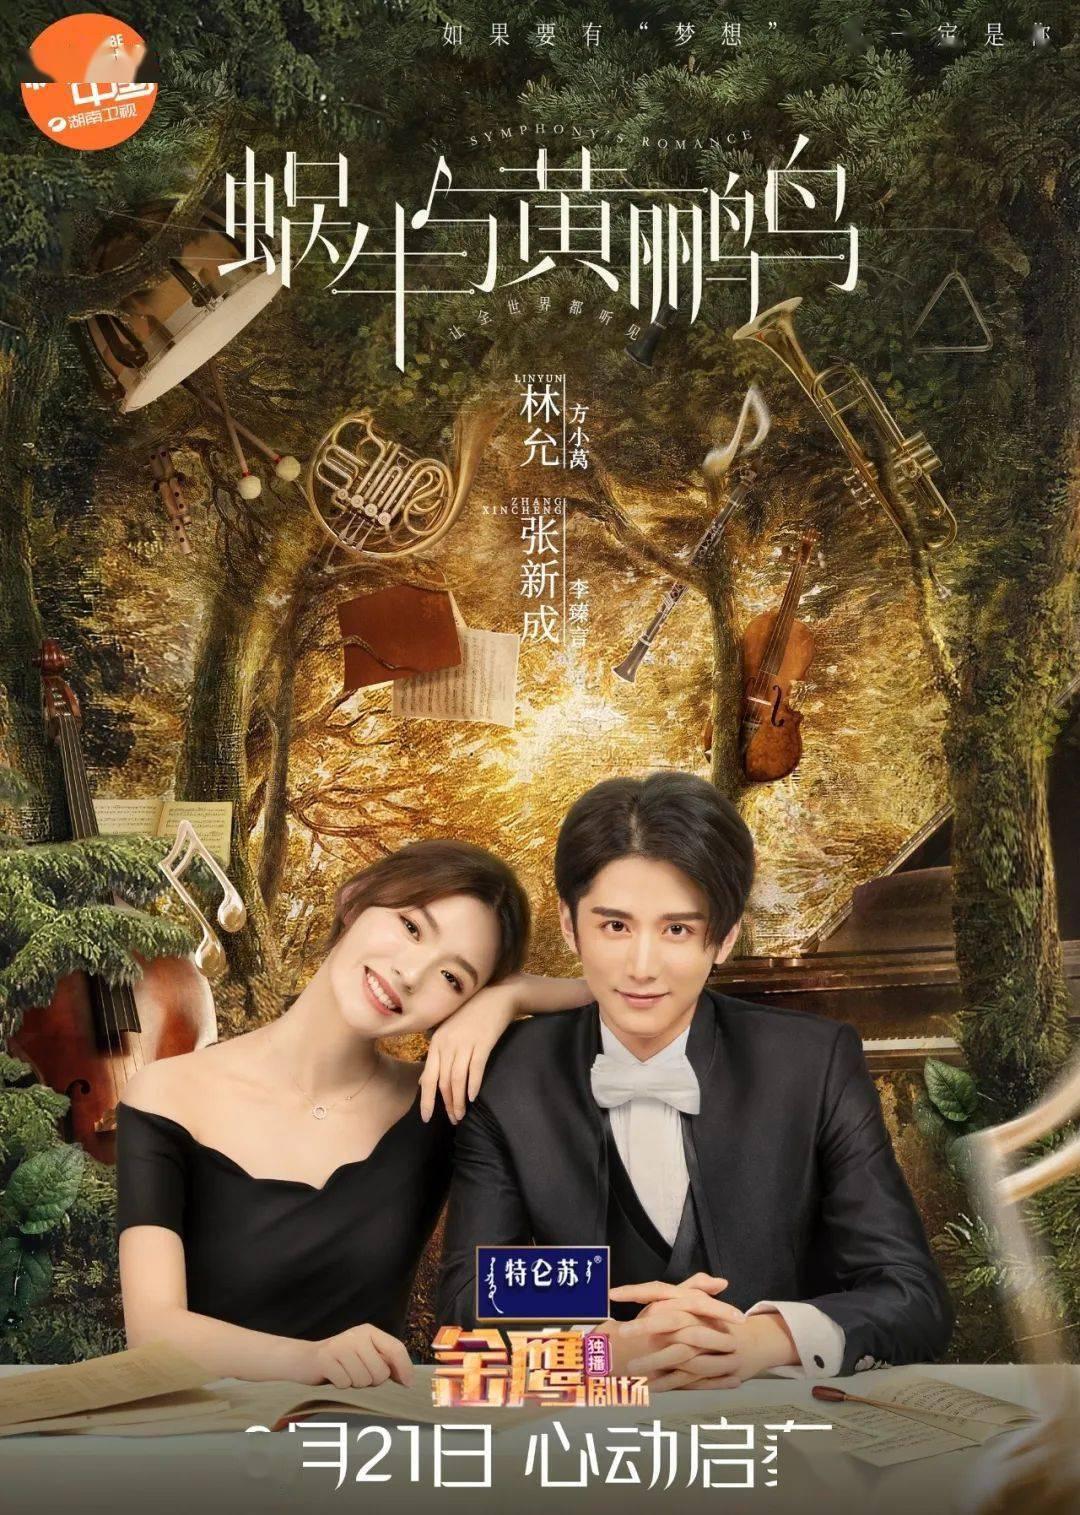 中国版《交响情人梦》没人看,日剧翻拍怎么全都扑了?